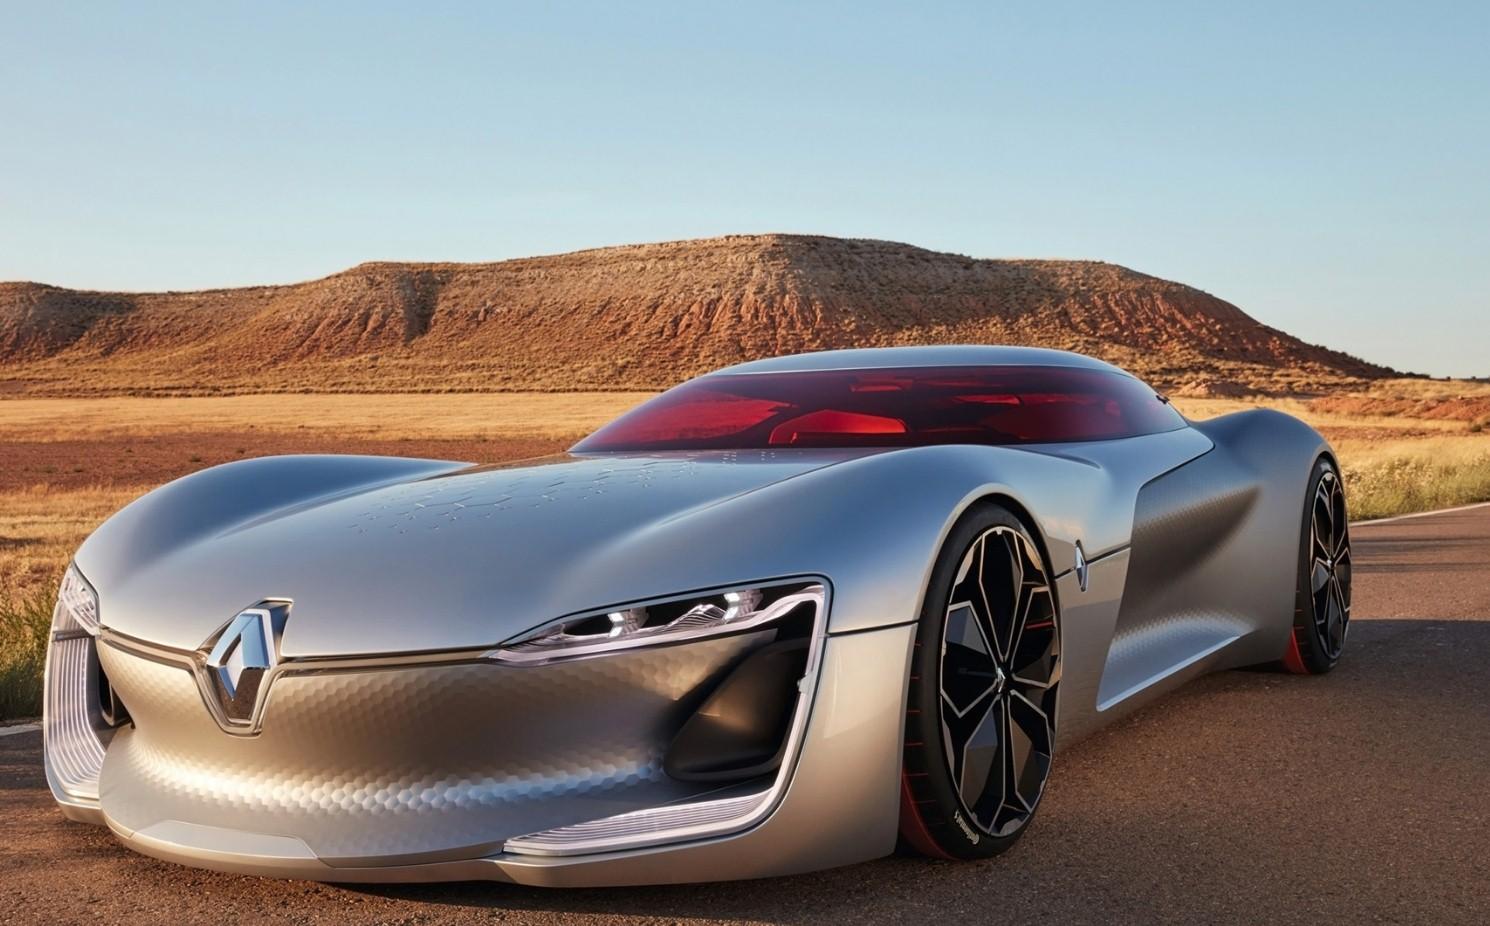 Дизайн прототипа Рено Тrezor признан лучшим вследующем году